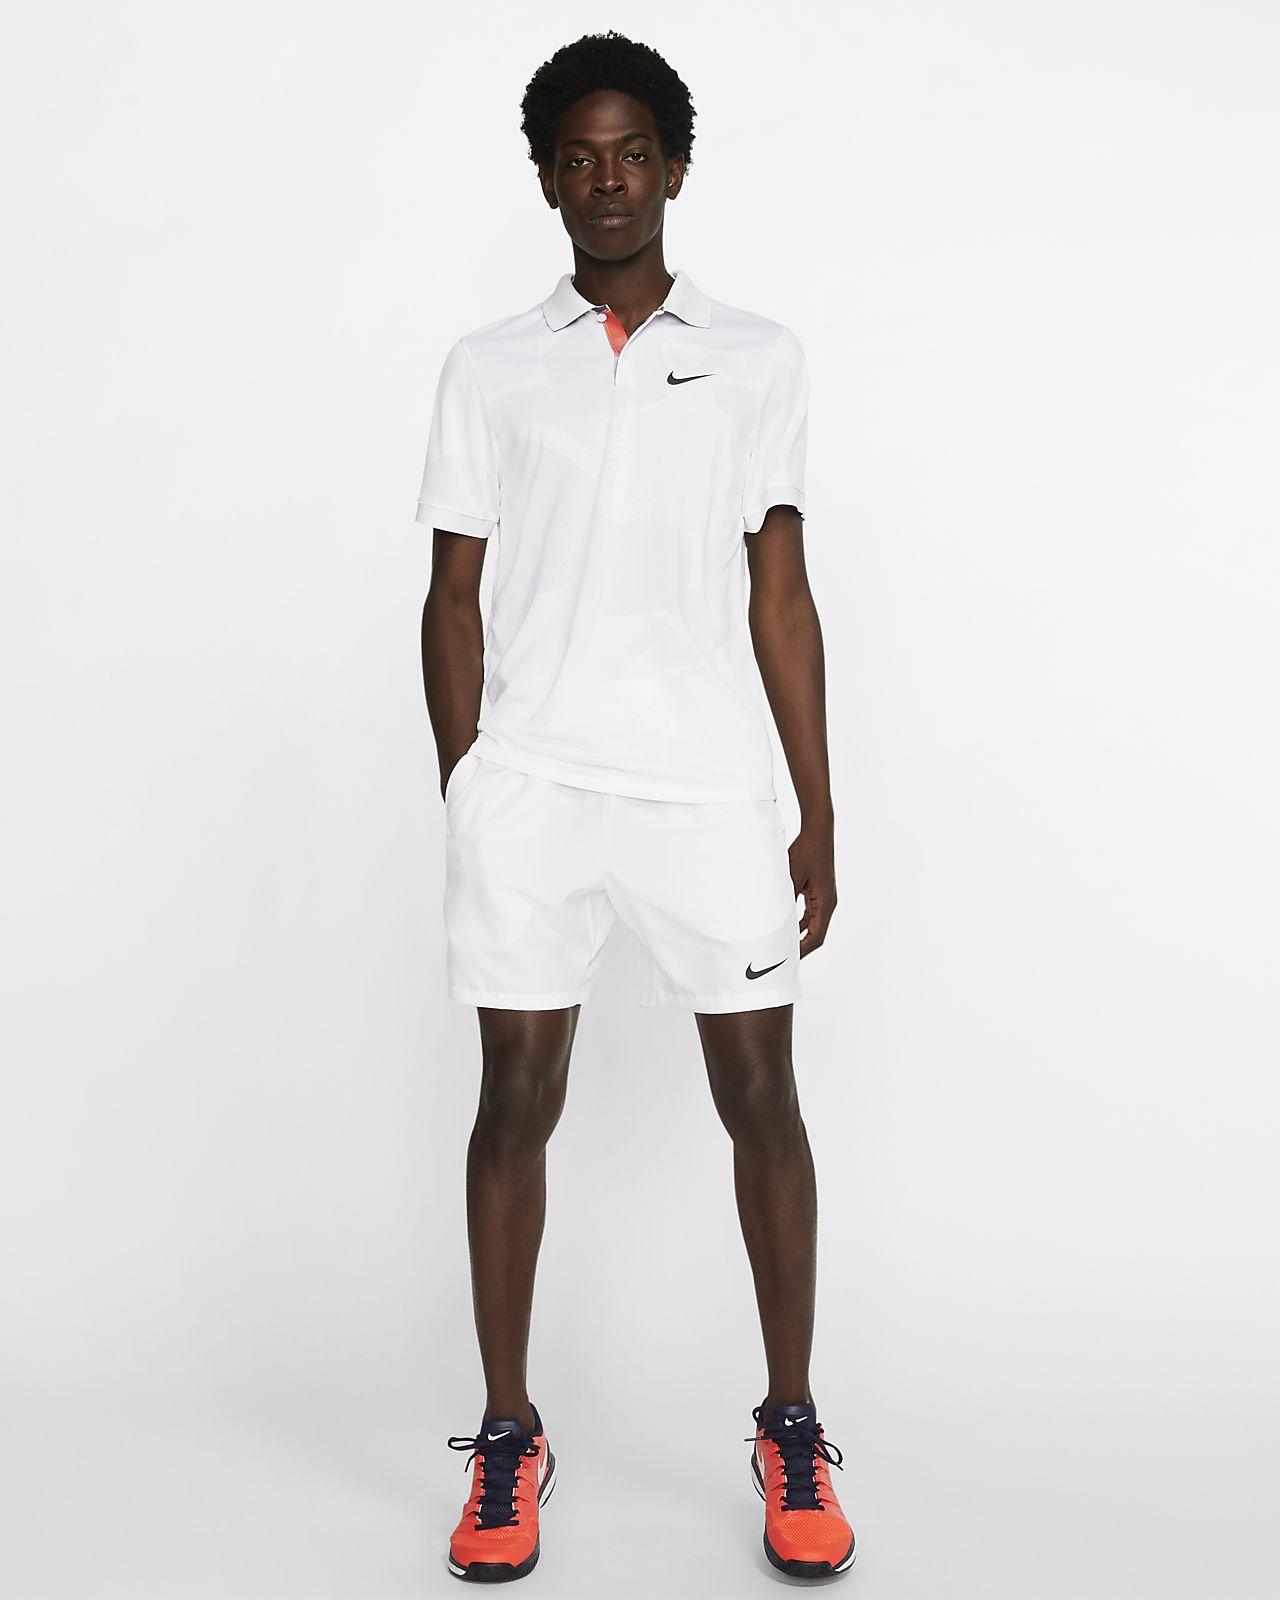 NikeCourt Men's Tennis Polo. FI